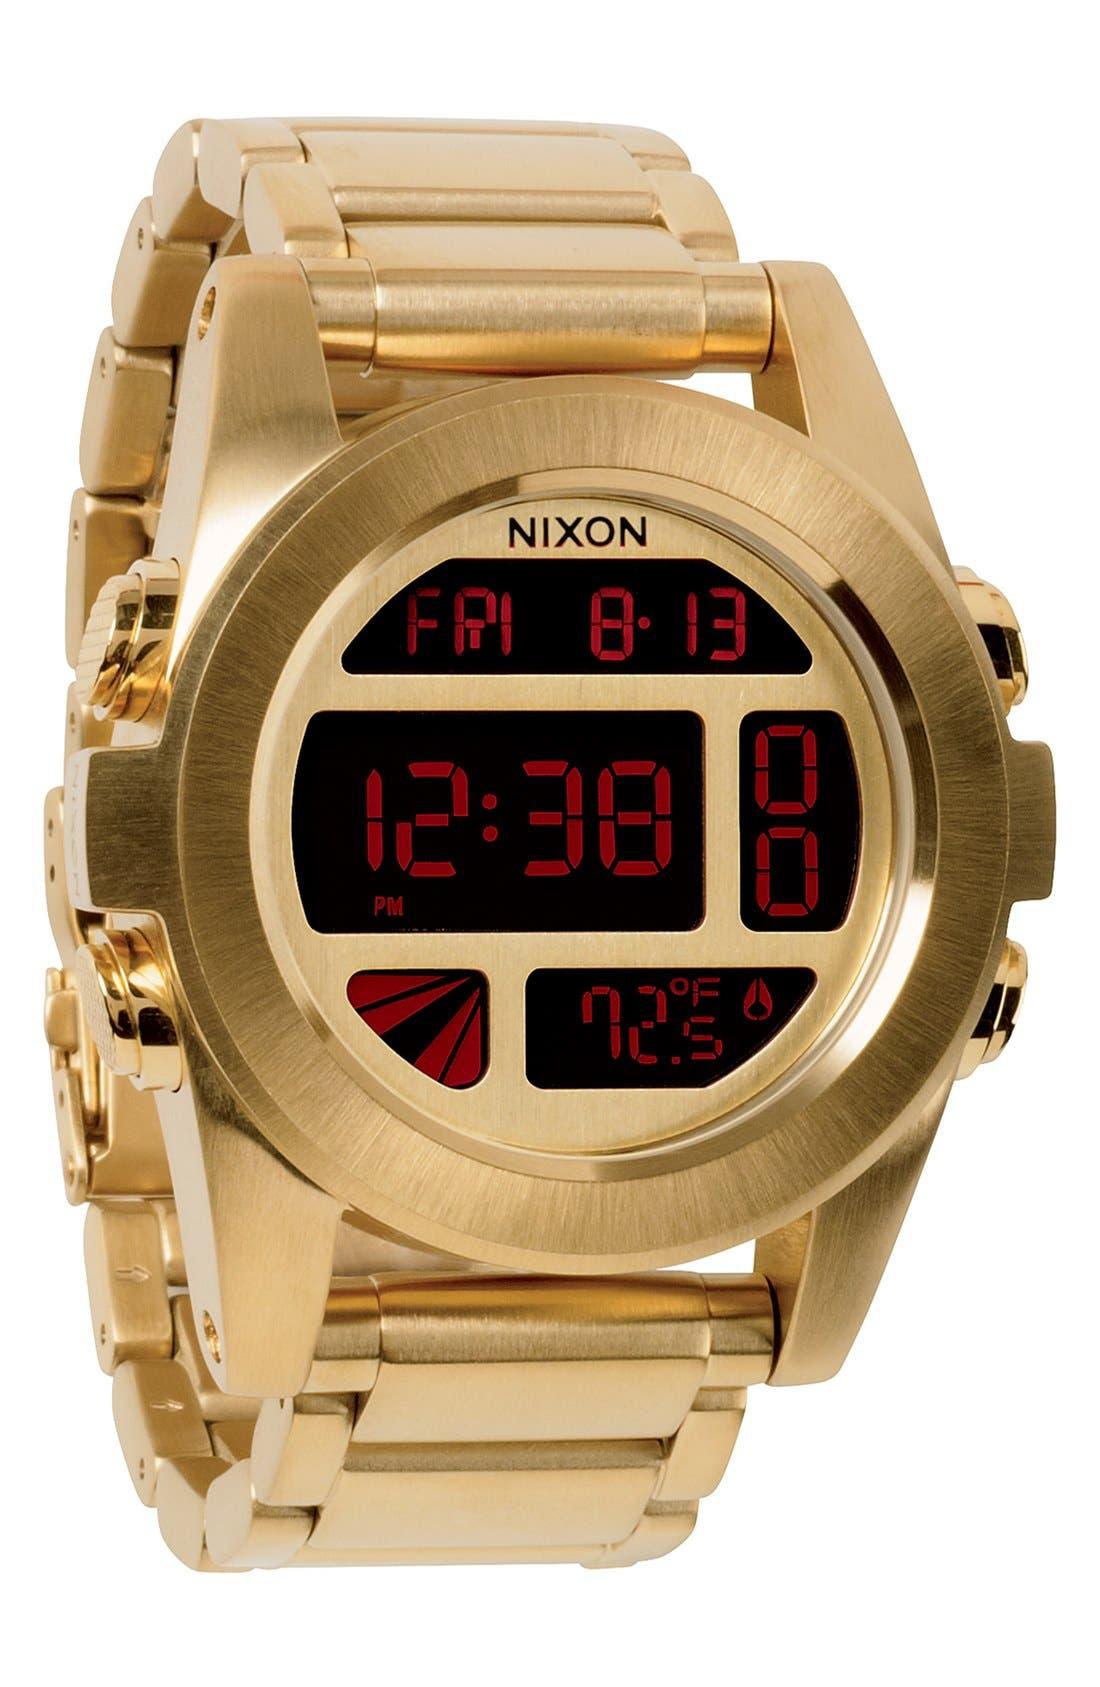 Main Image - Nixon 'The Unit' Bracelet Watch, 50mm